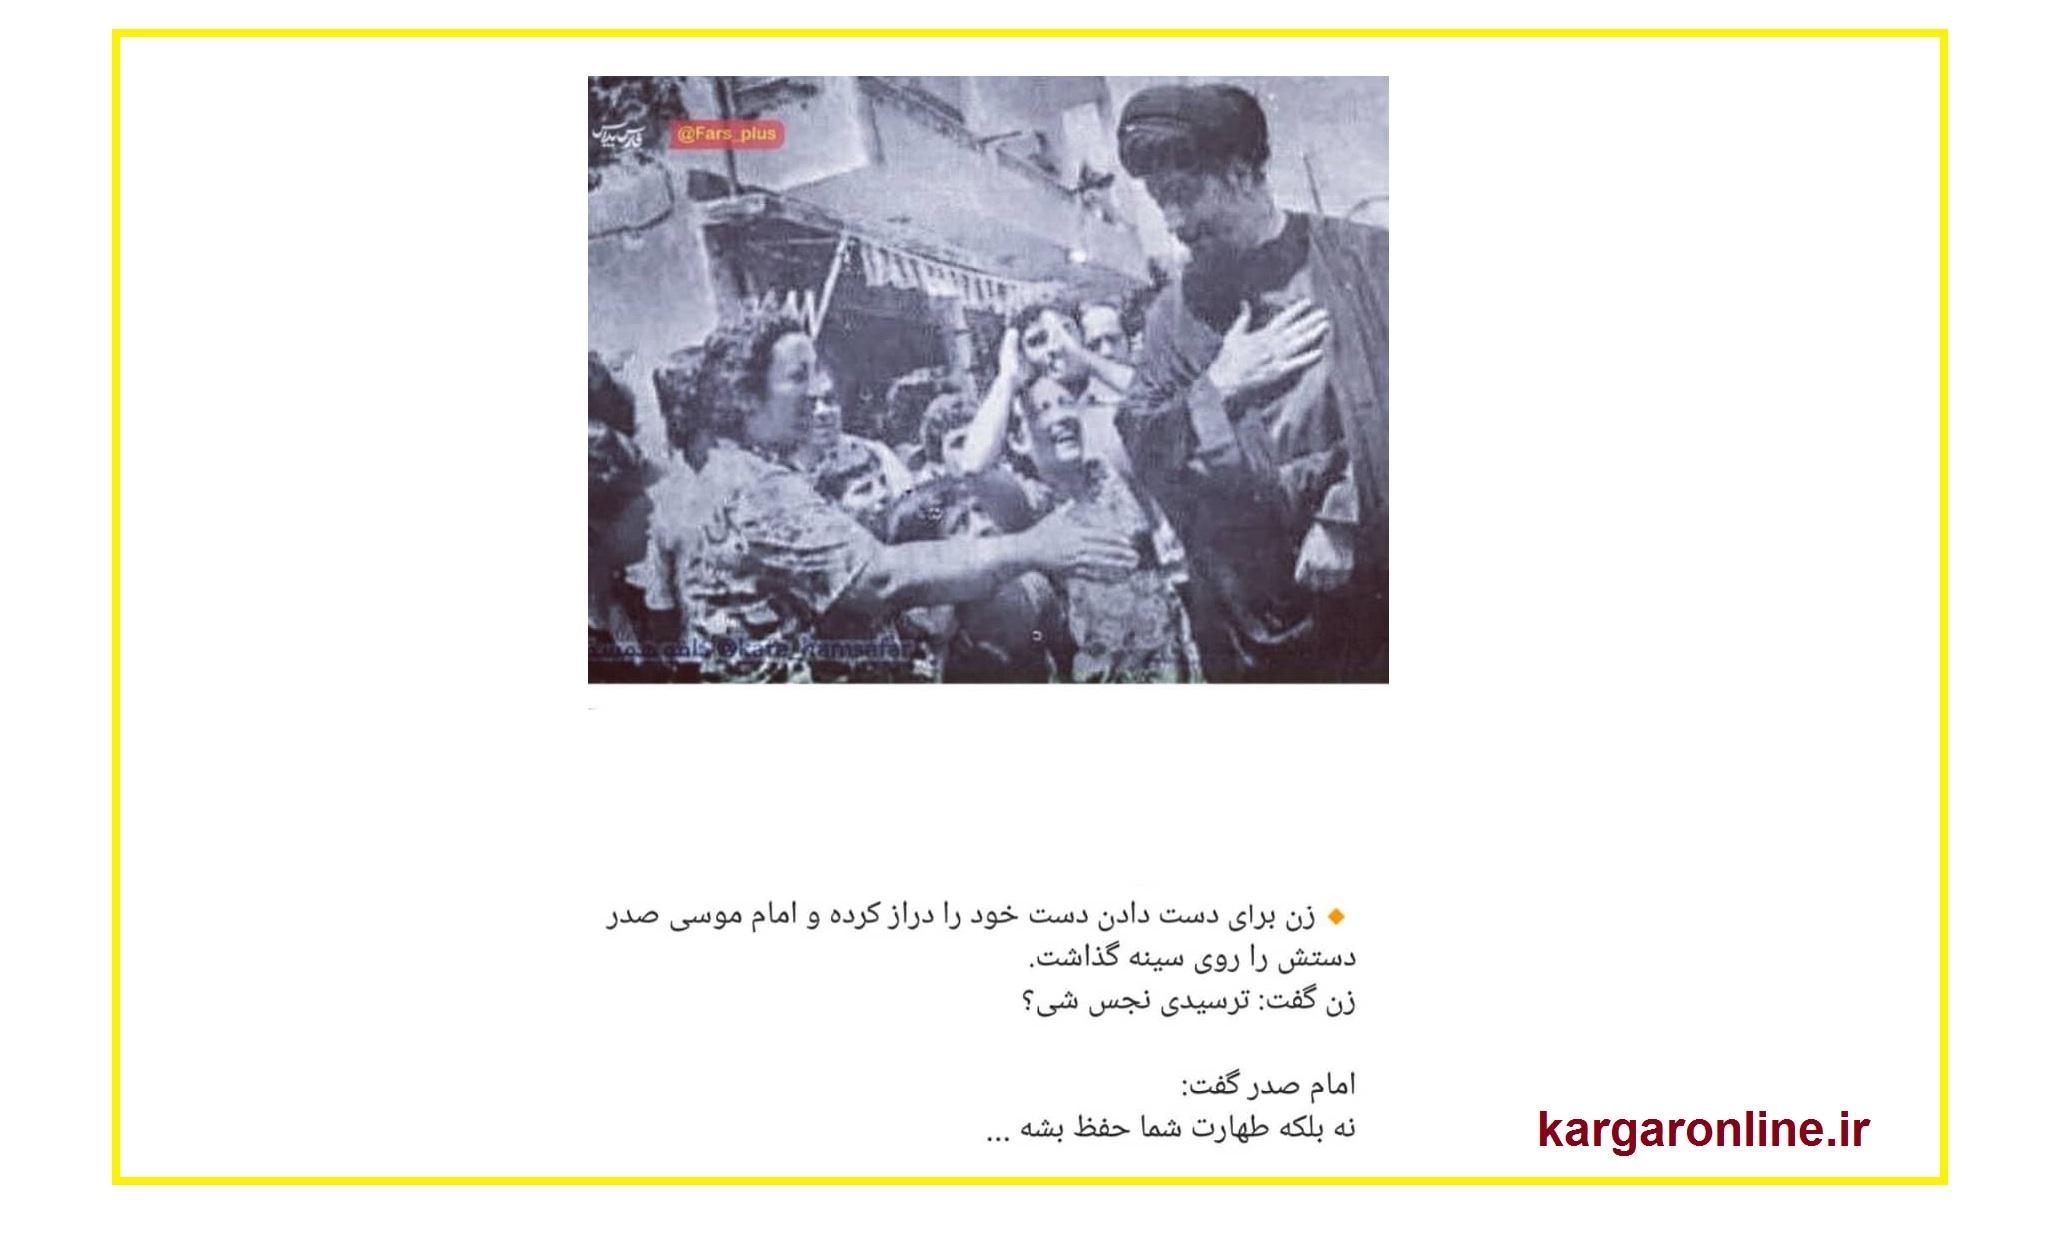 گفتار درمانی/پاسخ آموزنده امام موسی صدر به درخواست دست دادن زن مسیحی+عکس